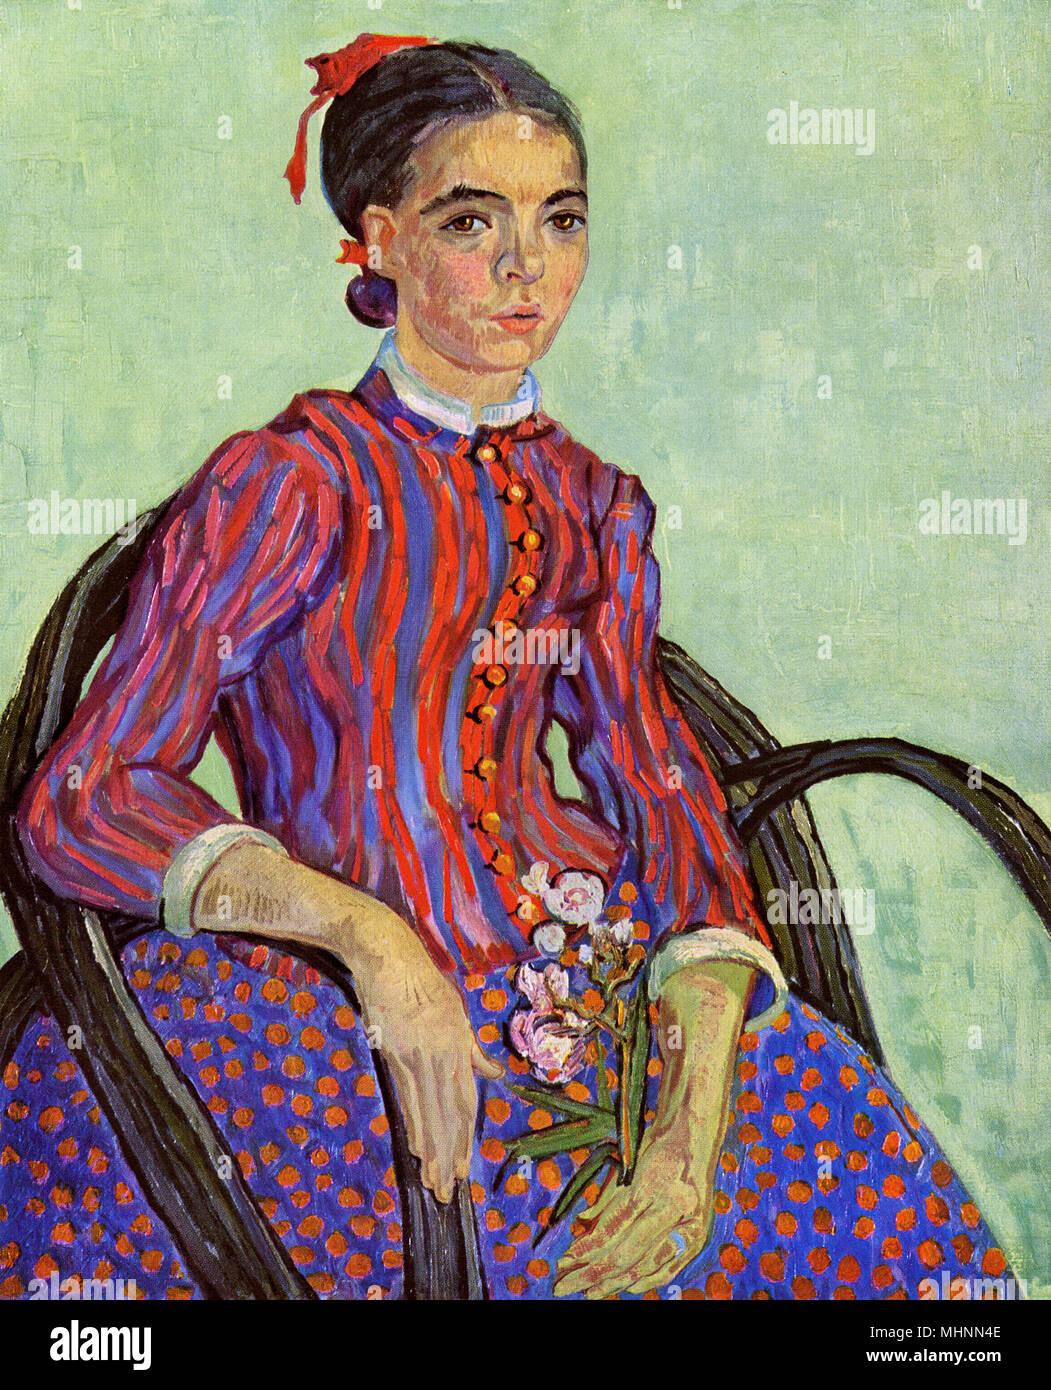 La Mousme (anche: La Mousme seduto in una sedia di canna, Half-Figure (con un ramo di oleandro) di Vincent Van Gogh (1853-1890) - pittura a olio su tela. Data: 1888 Immagini Stock